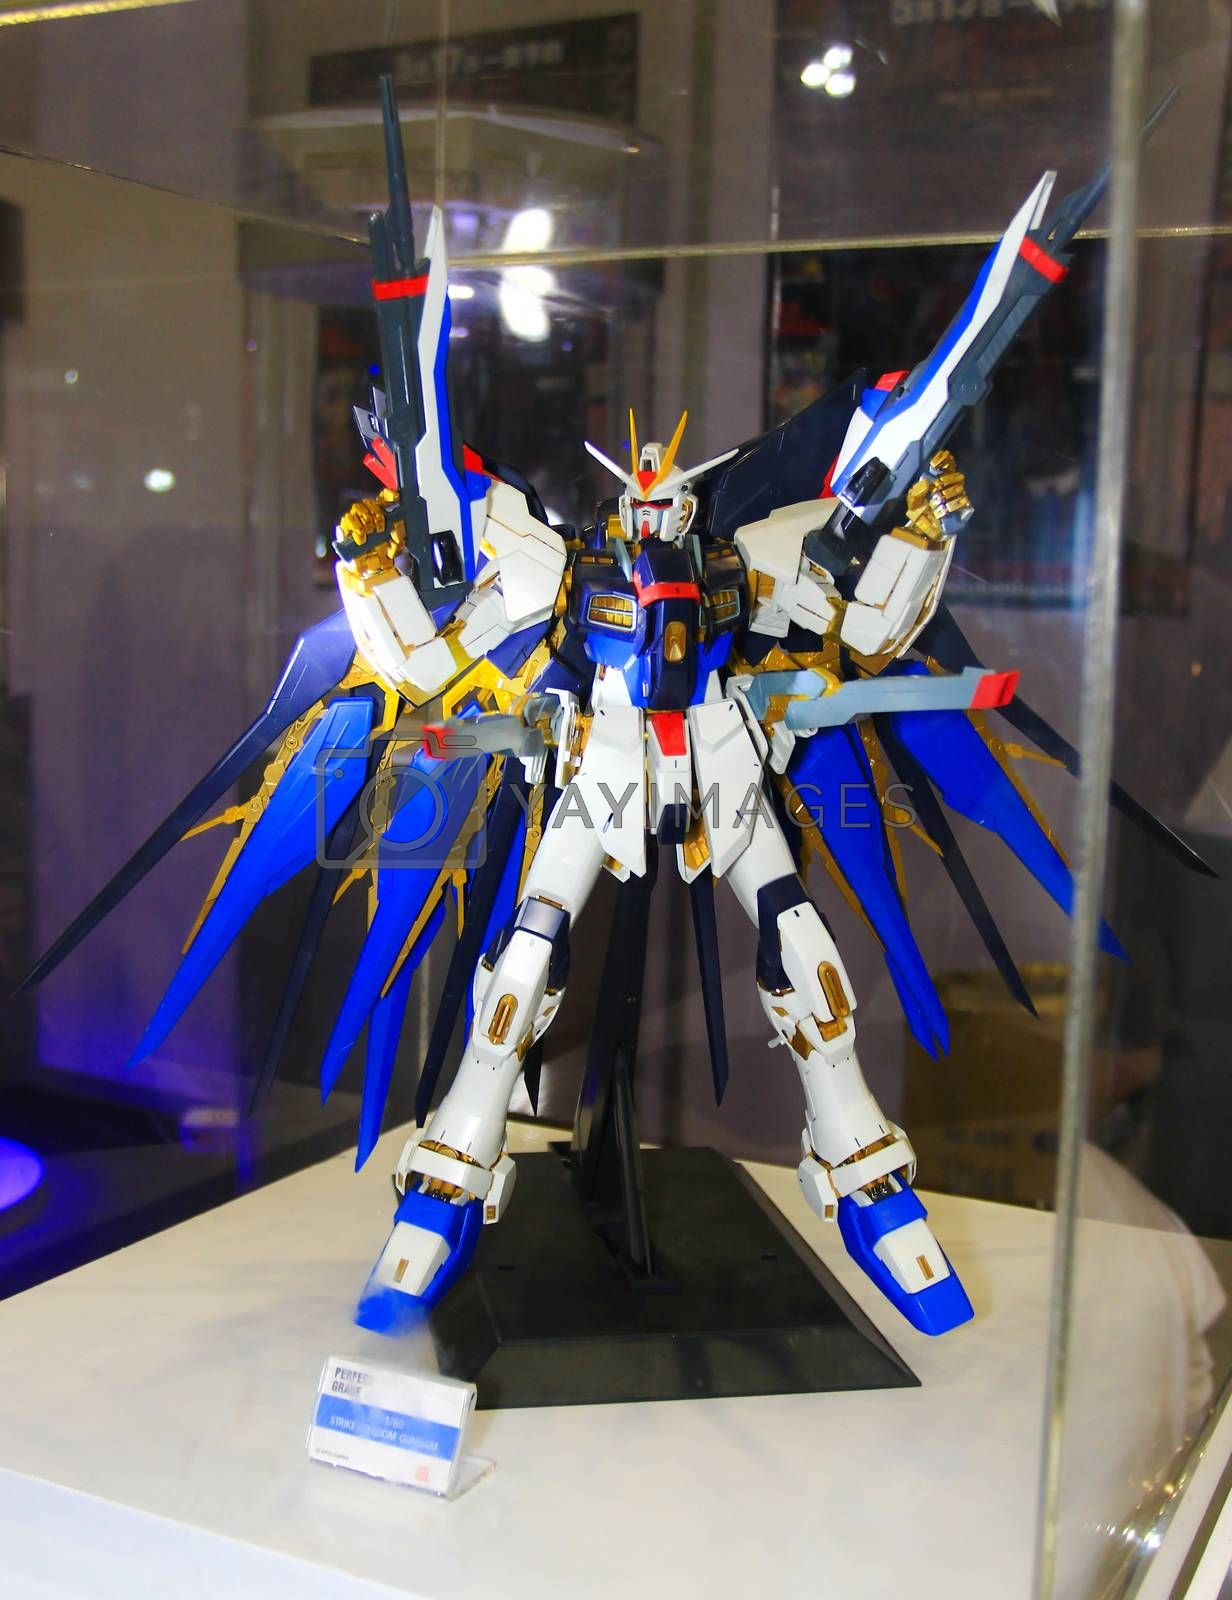 BANGKOK - MAY. 11: A Gundam model in Thailand Comic Con 2014 on May 11, 2014 at Siam Paragon, Bangkok, Thailand.